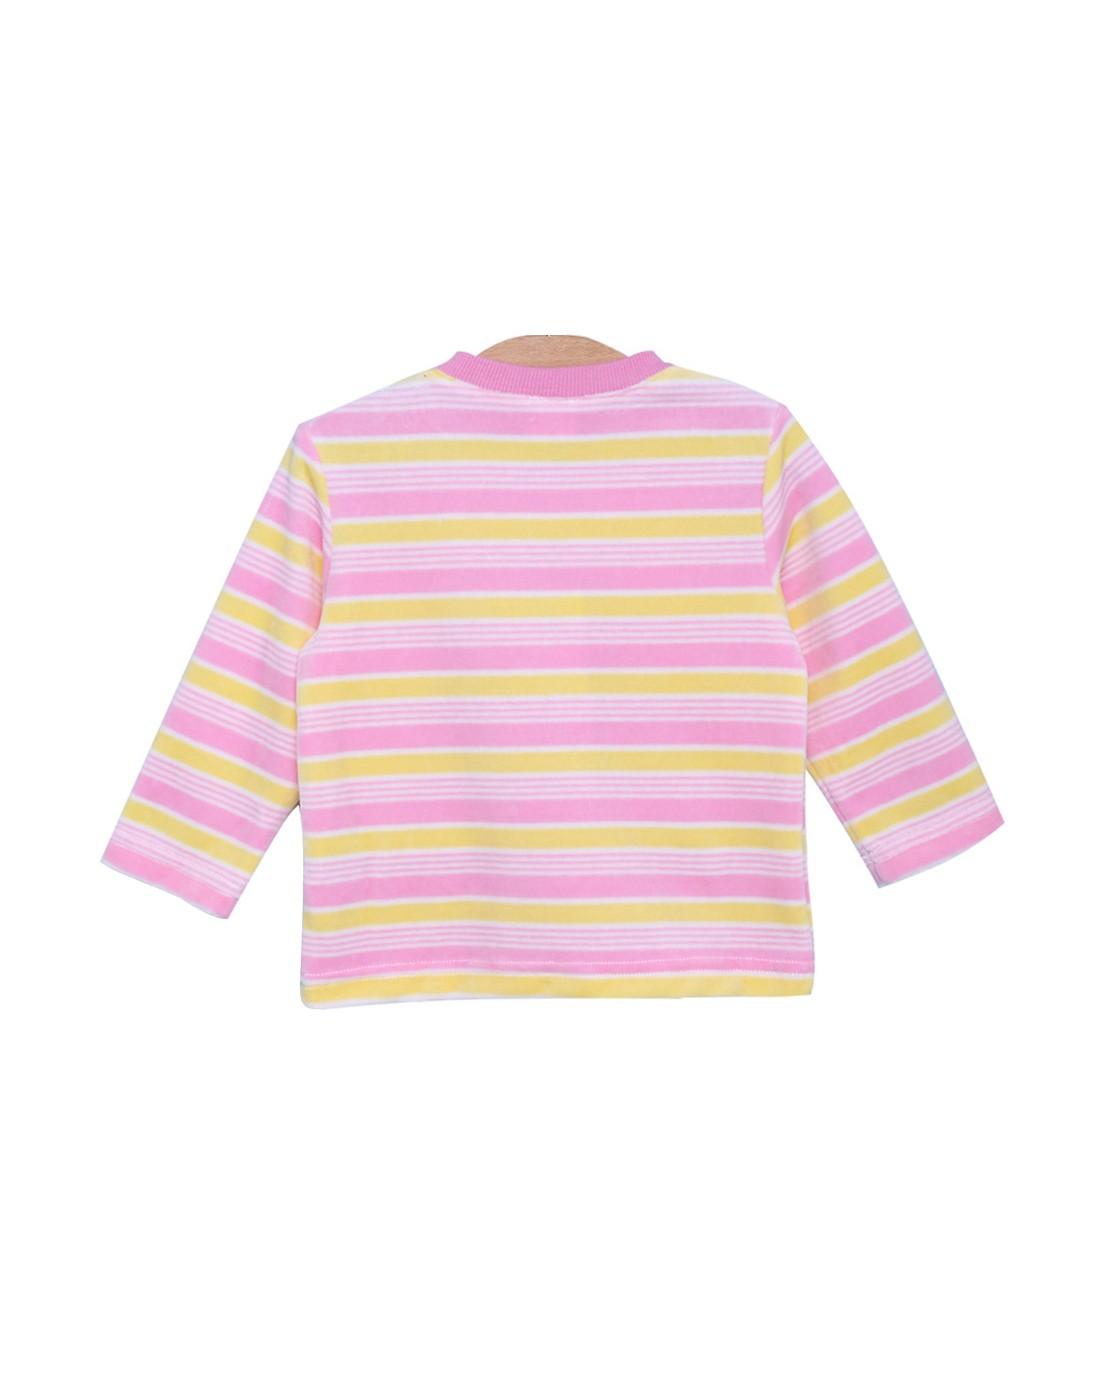 巴布豆 中性浅粉色卡通可爱t恤